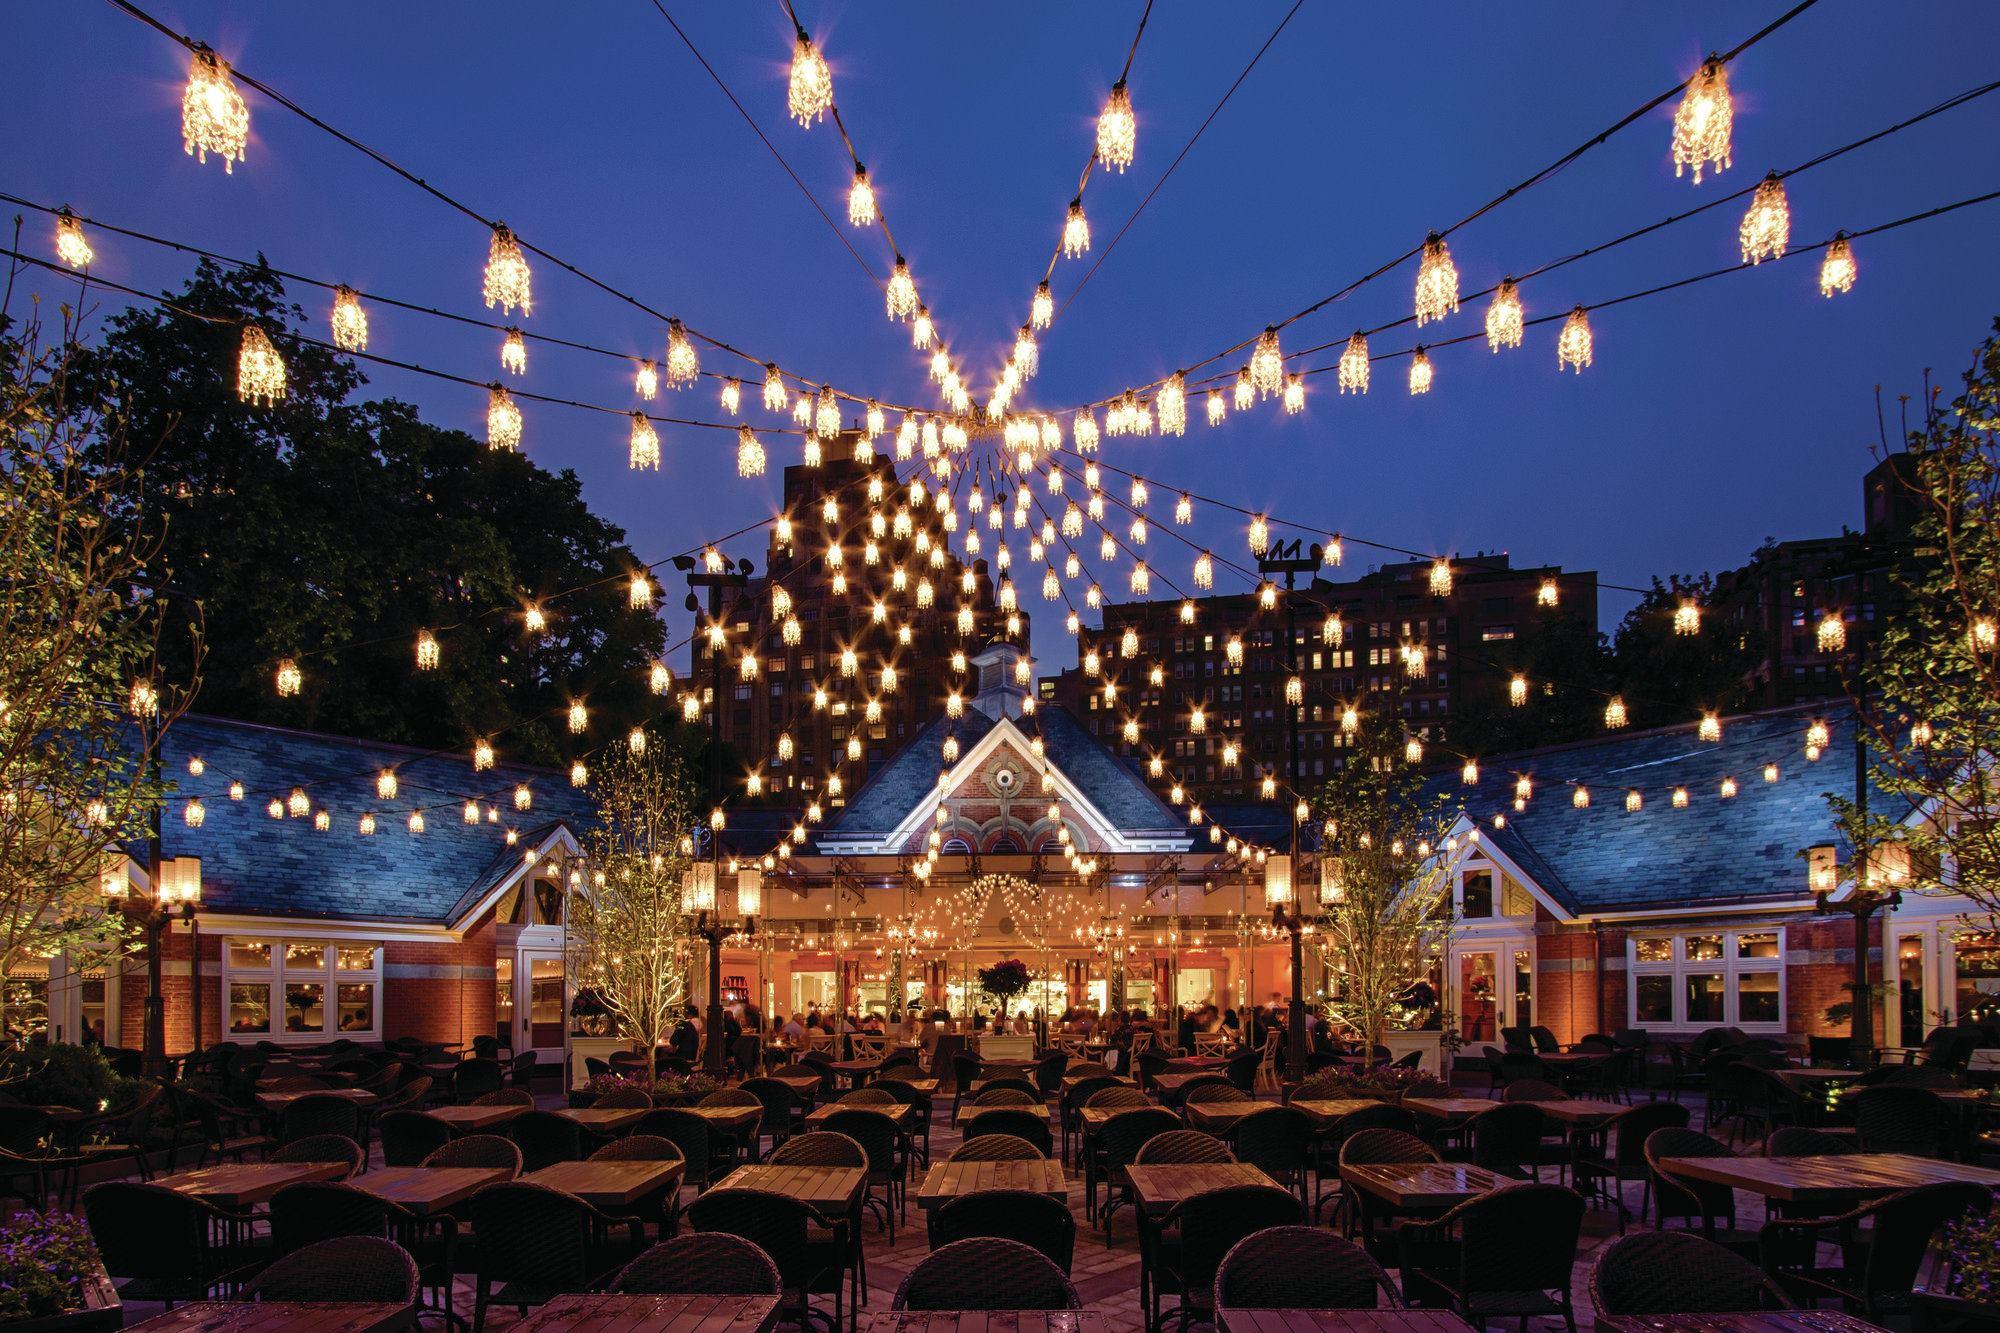 Long Island Christmas Lights